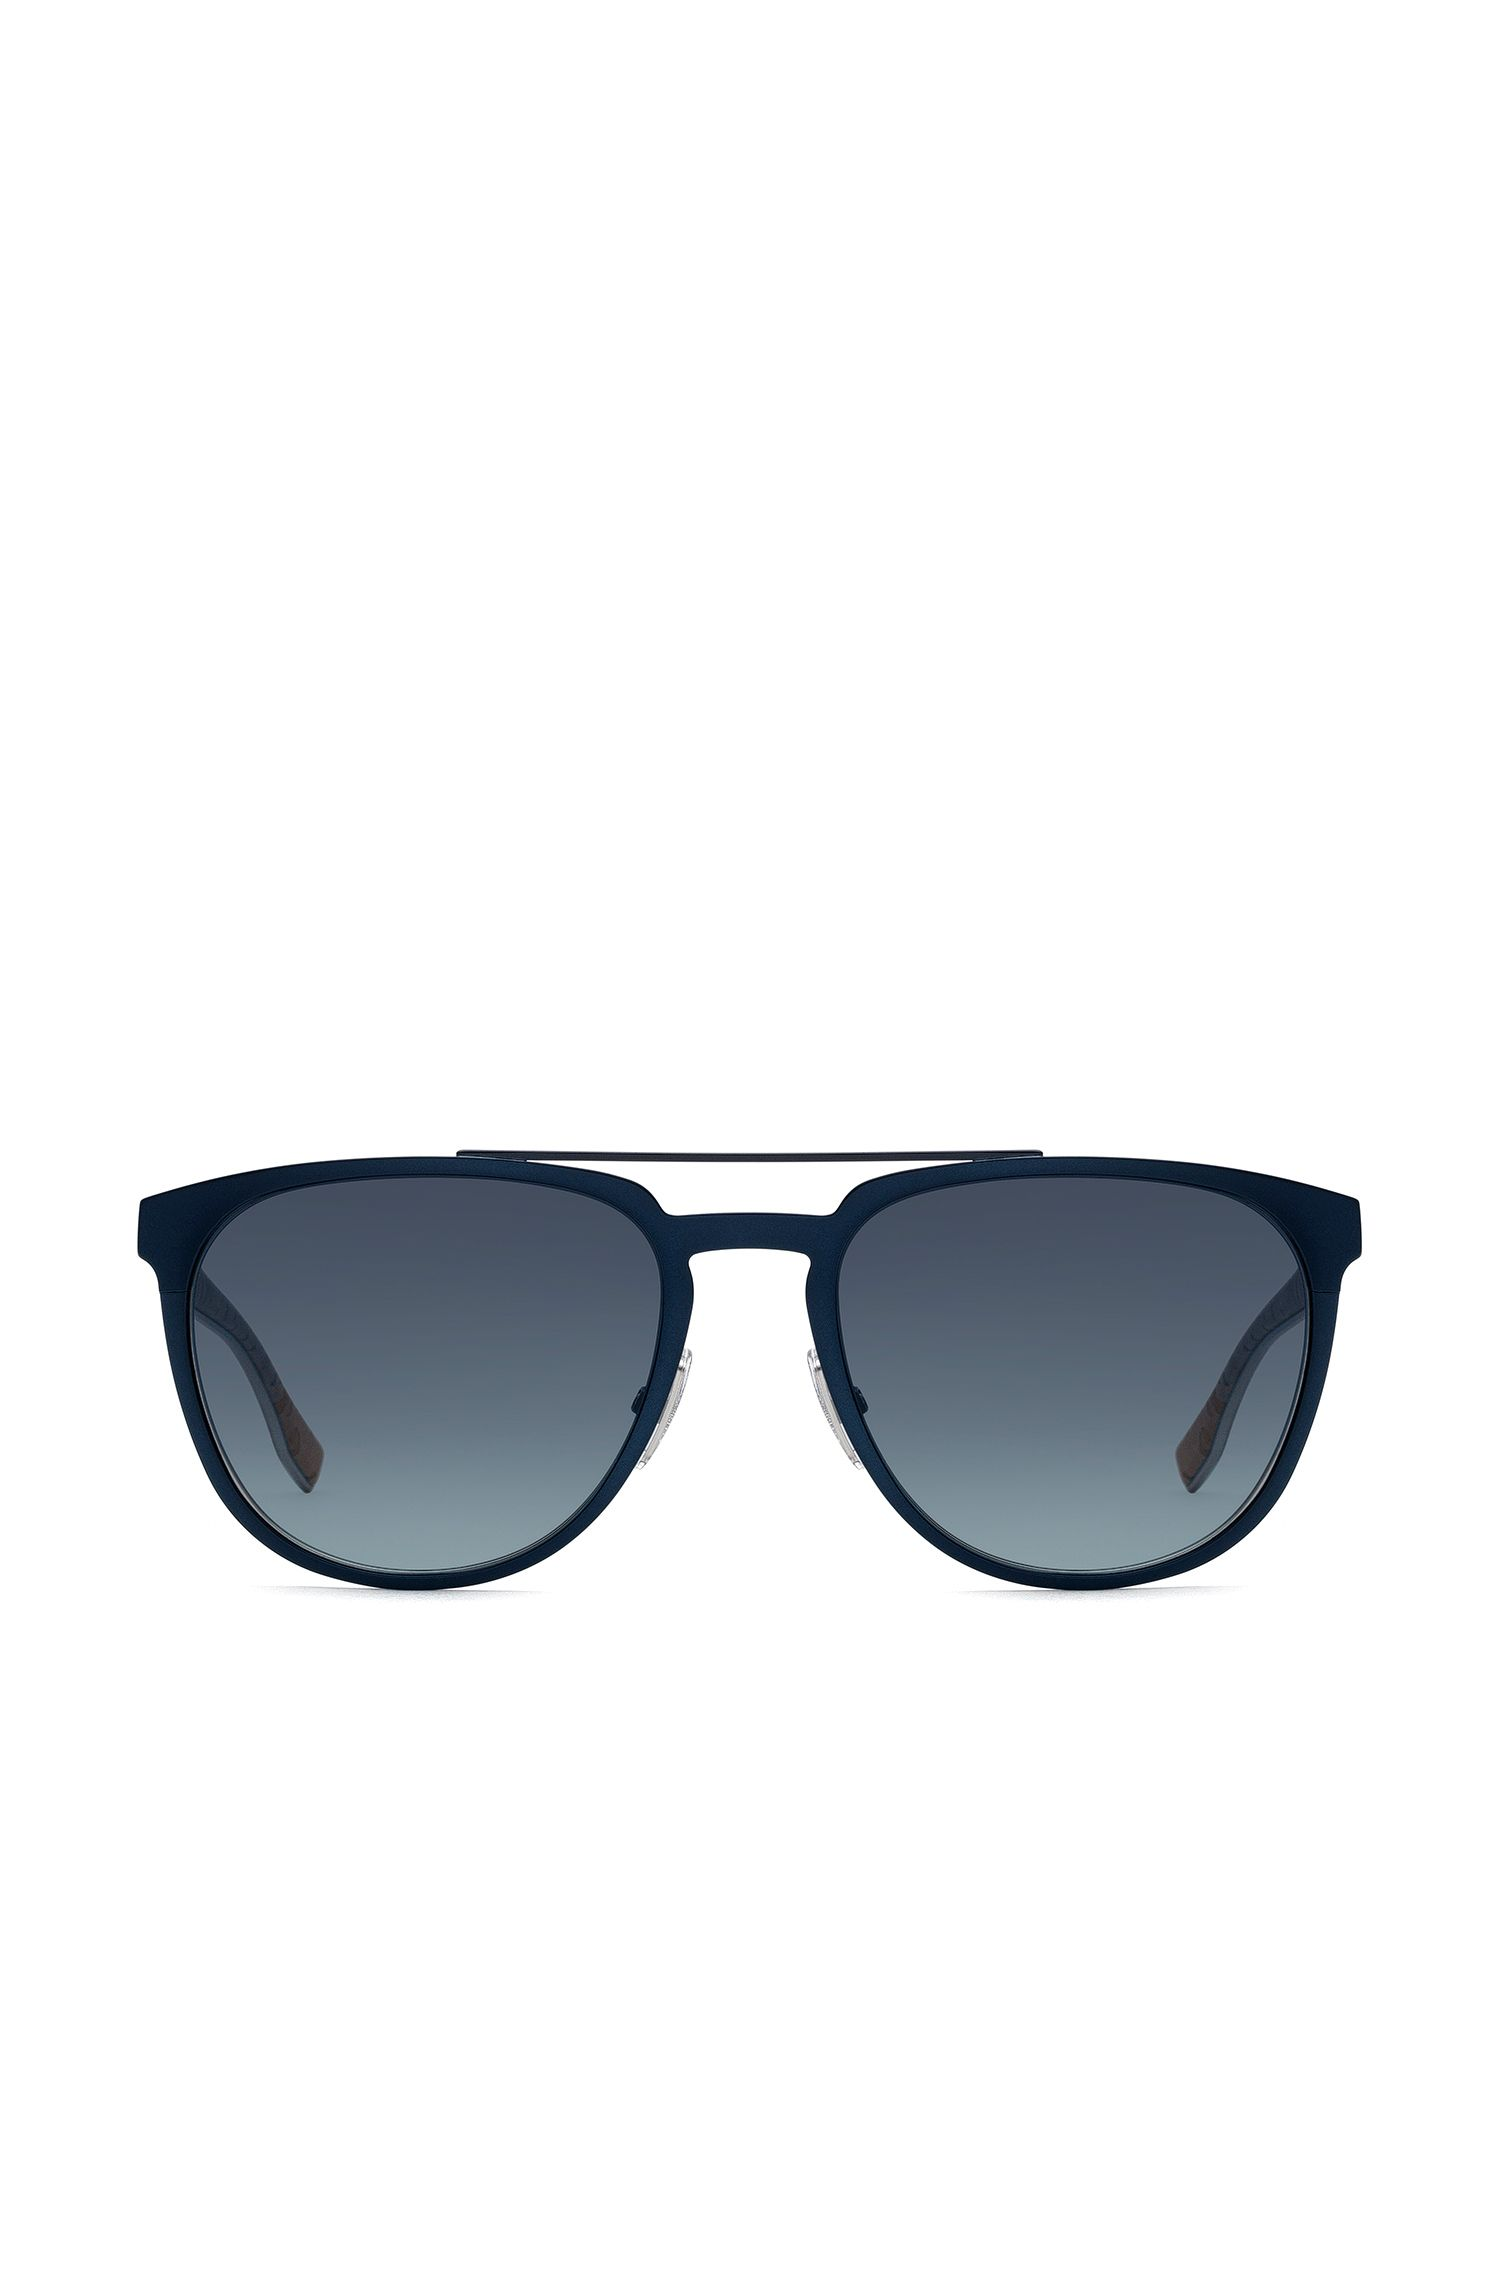 Lunettes de soleil aviateur à monture métallique fine, de couleur bleue